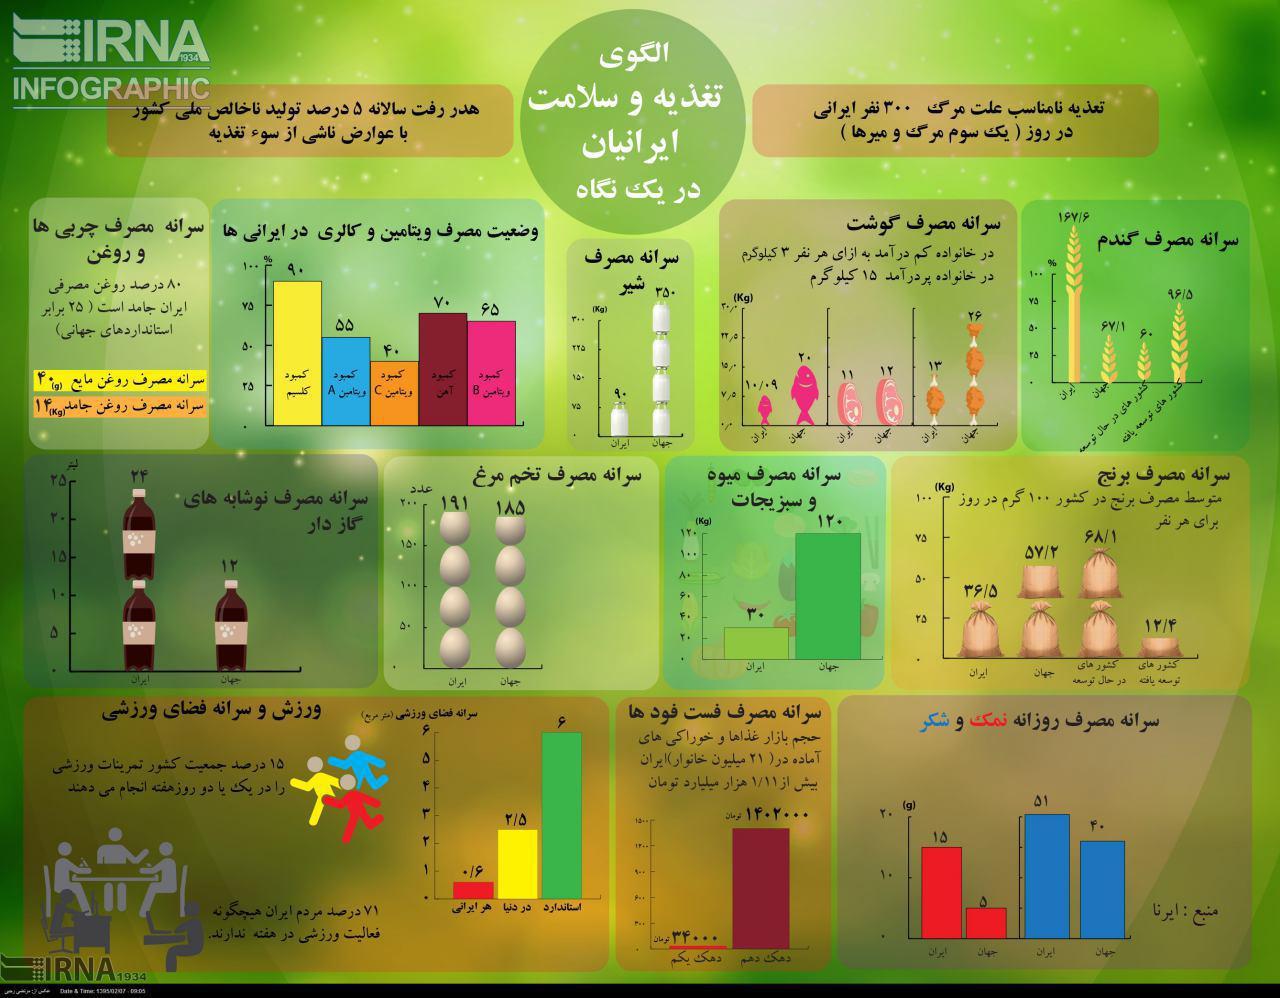 تغذیه و سلامت ایرانیان در یک نگاه